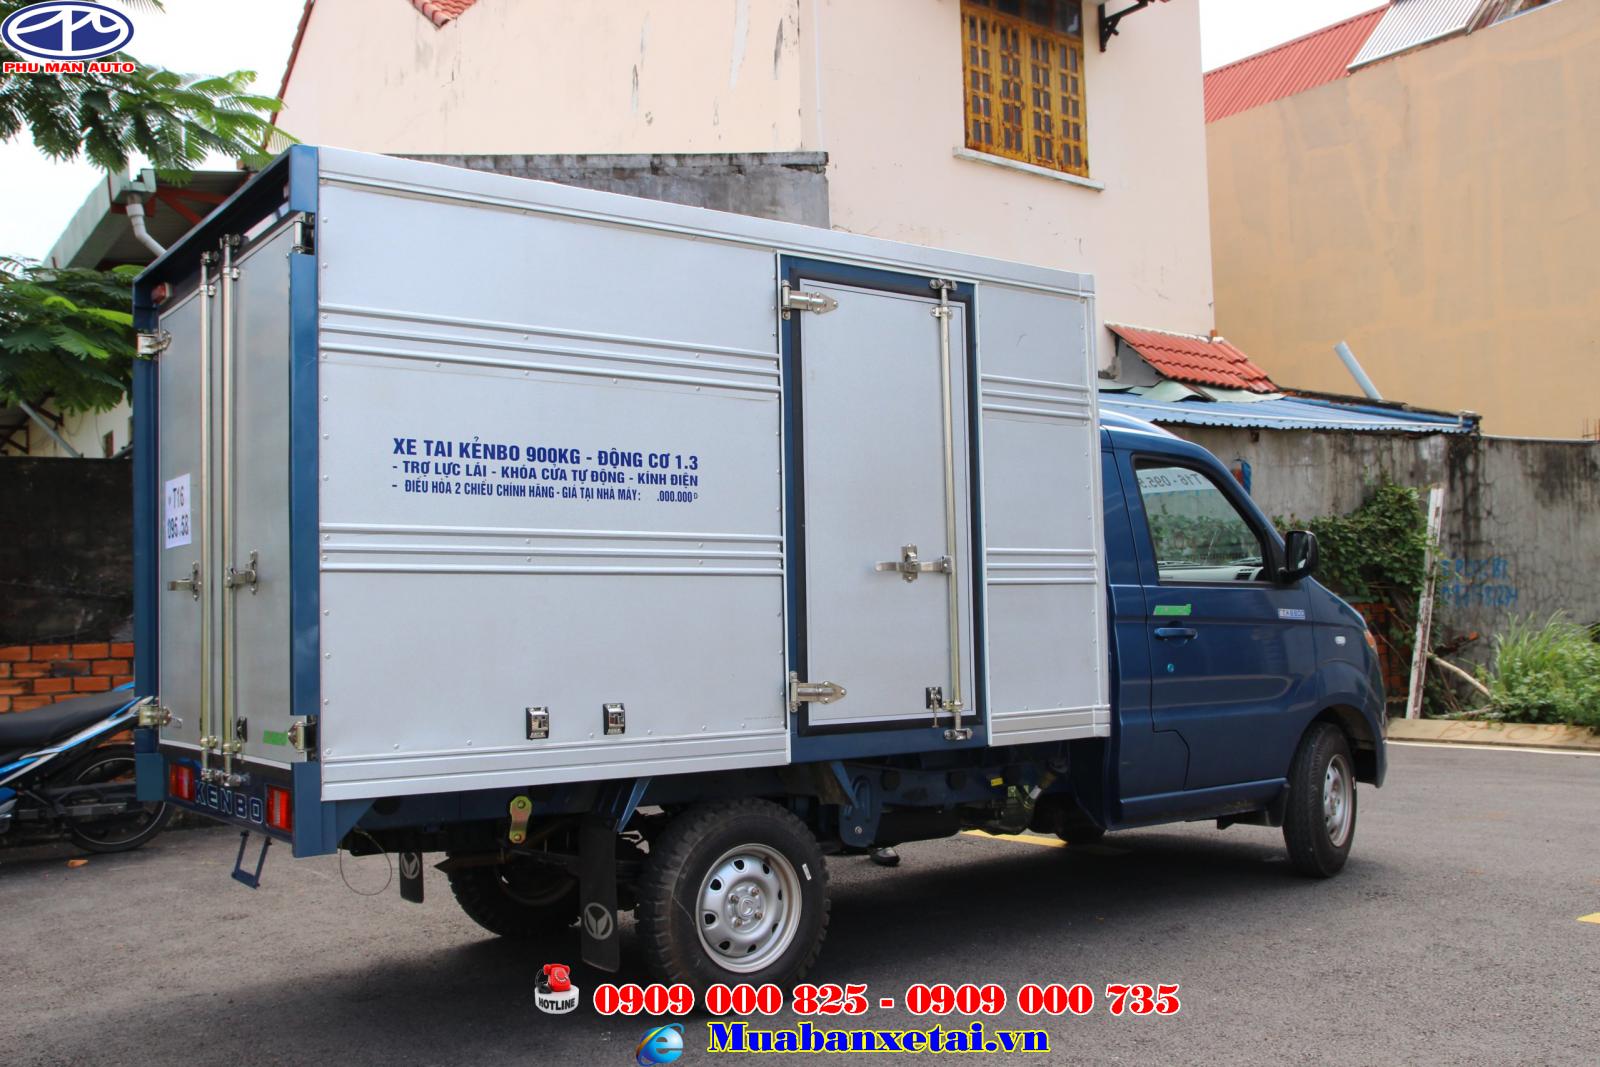 Thùng xe tải Kenbo 900kg thùng kín